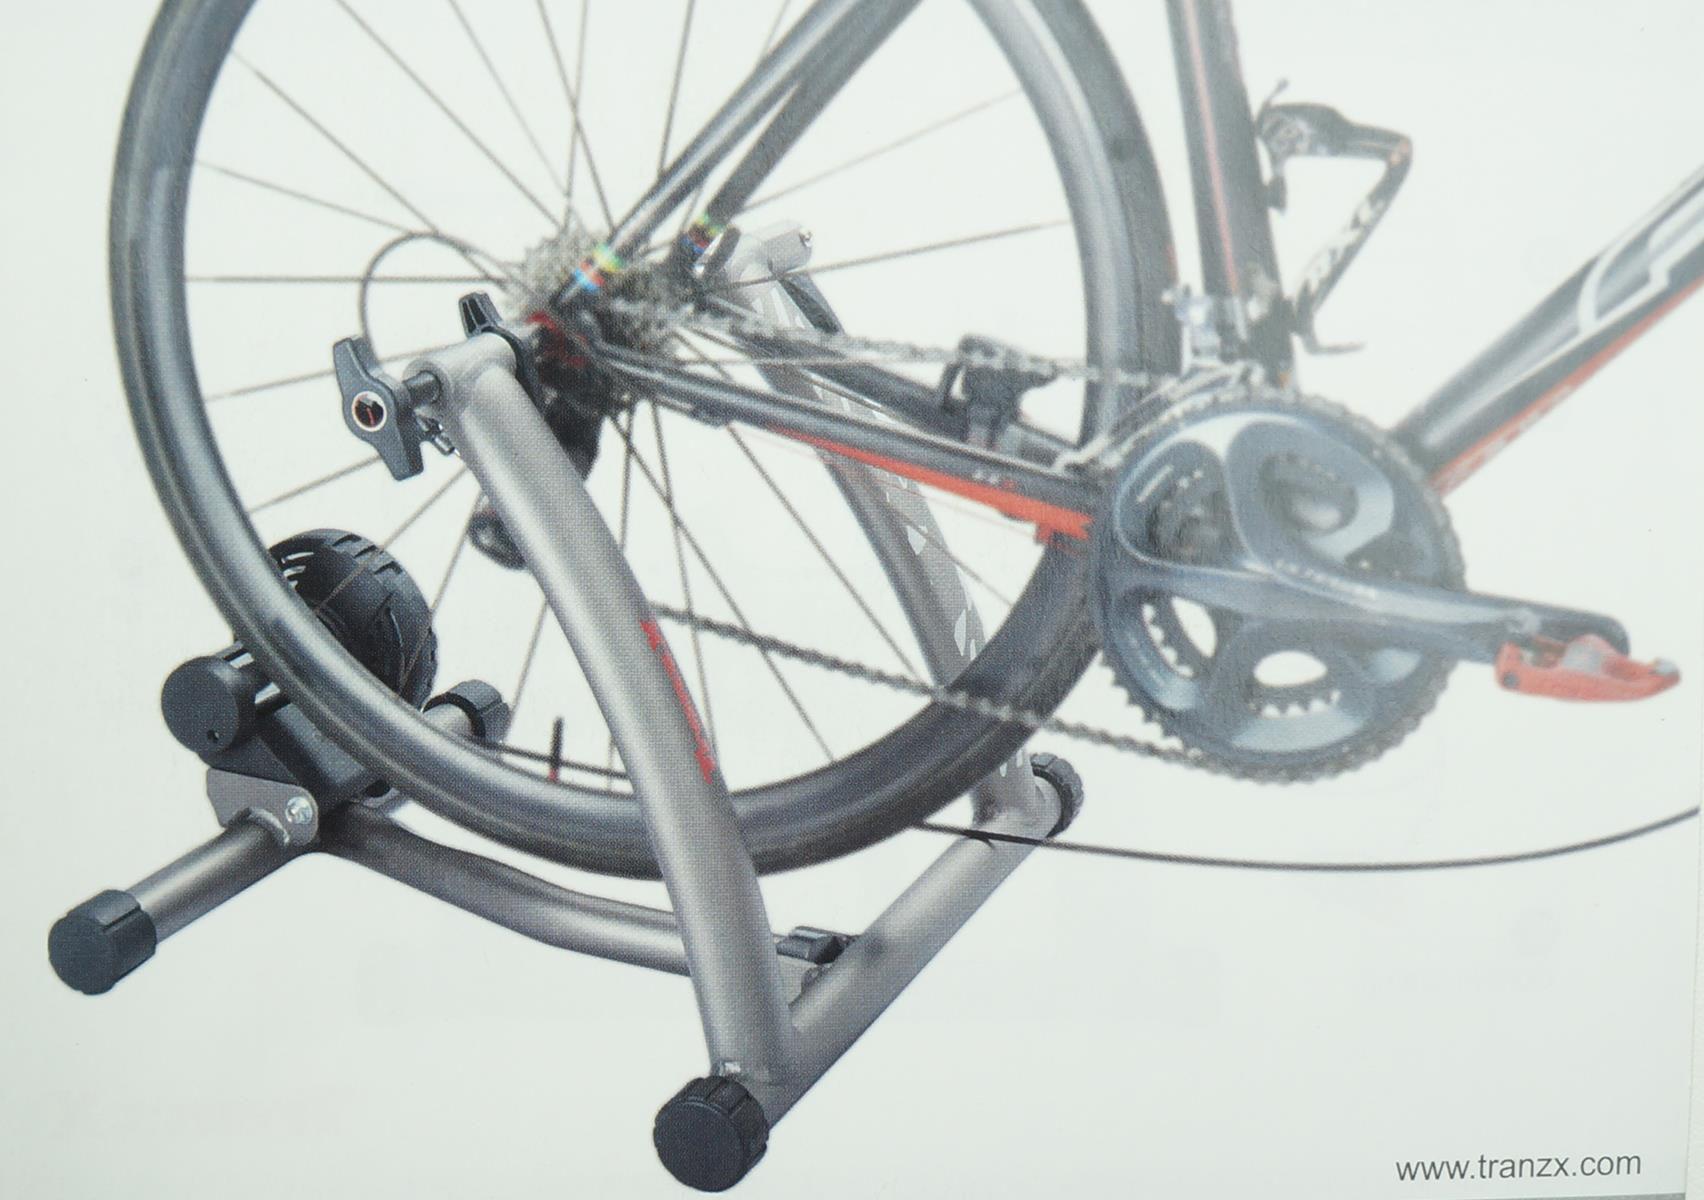 Rolo De Treinamento Bicicletas Tranzx JD138 Em Alumínio Com Regulagem